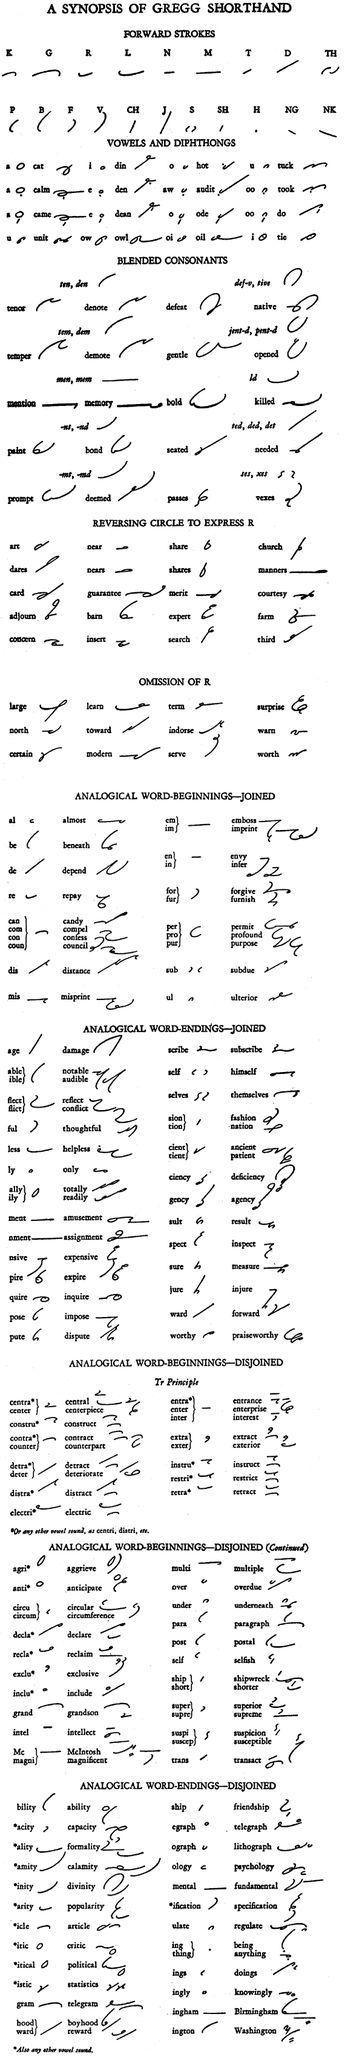 76 Best Gregg Shorthand Images On Pinterest Greggs Shorthand